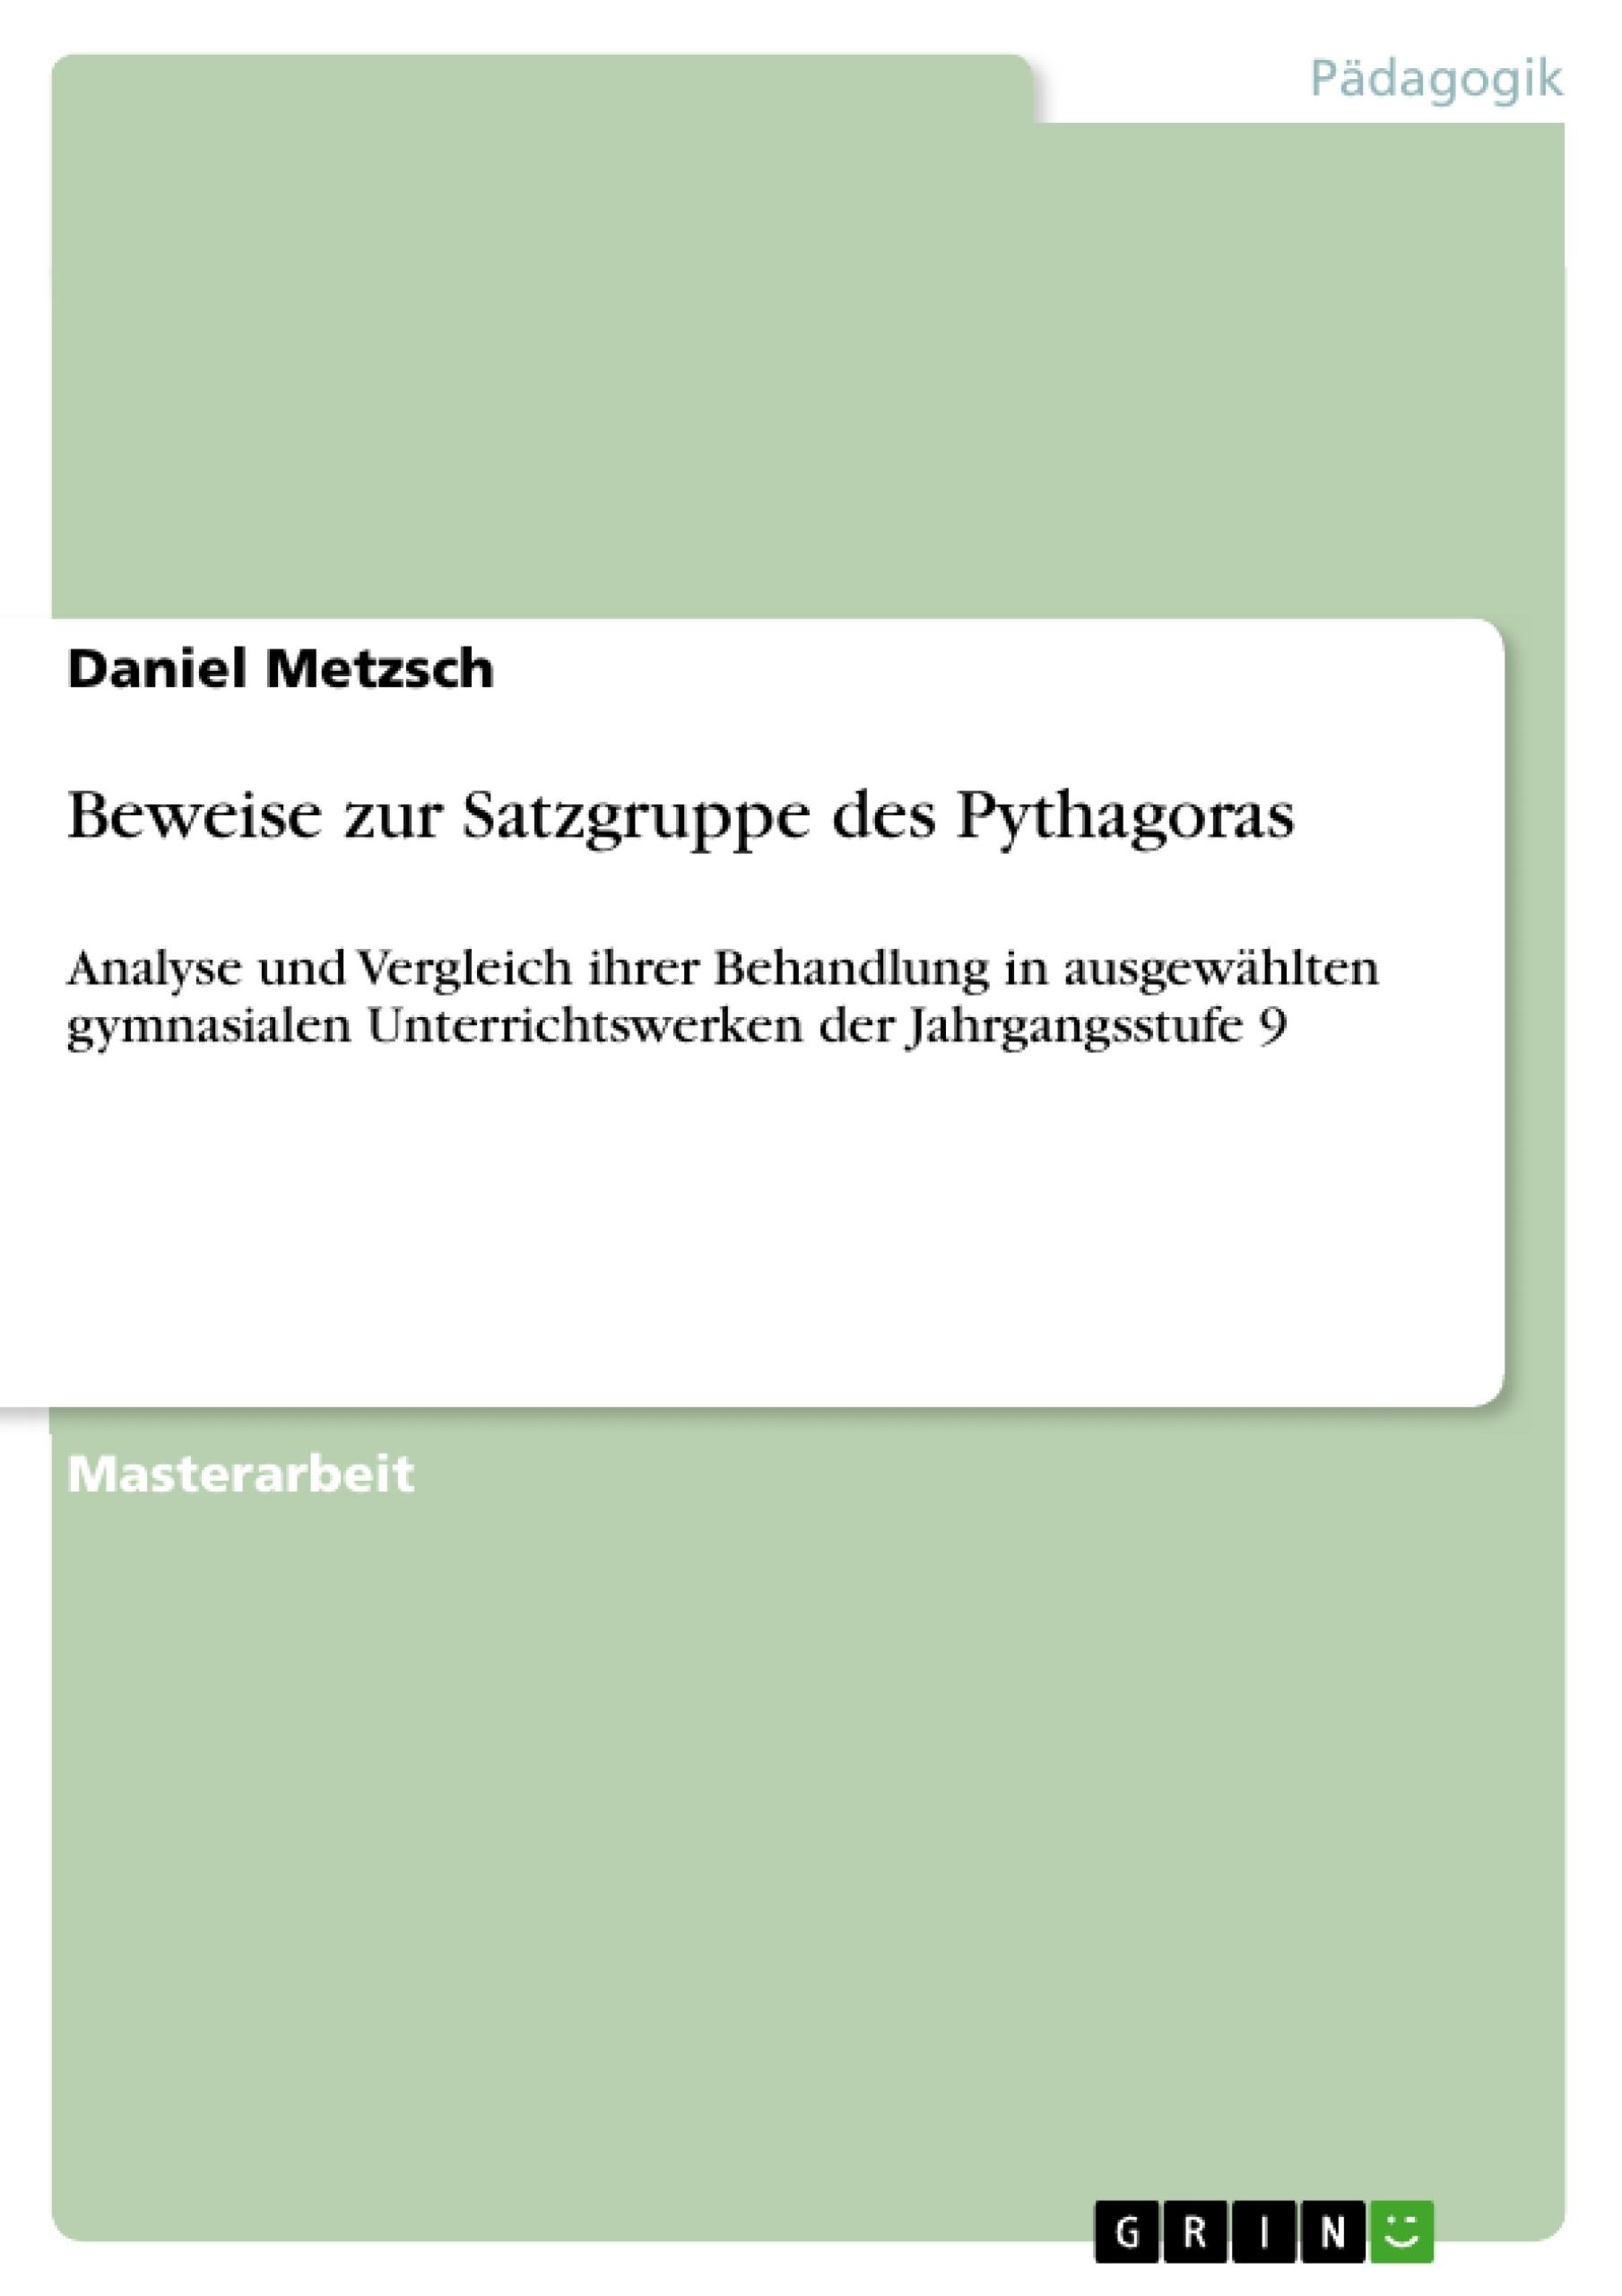 Titre: Beweise zur Satzgruppe des Pythagoras